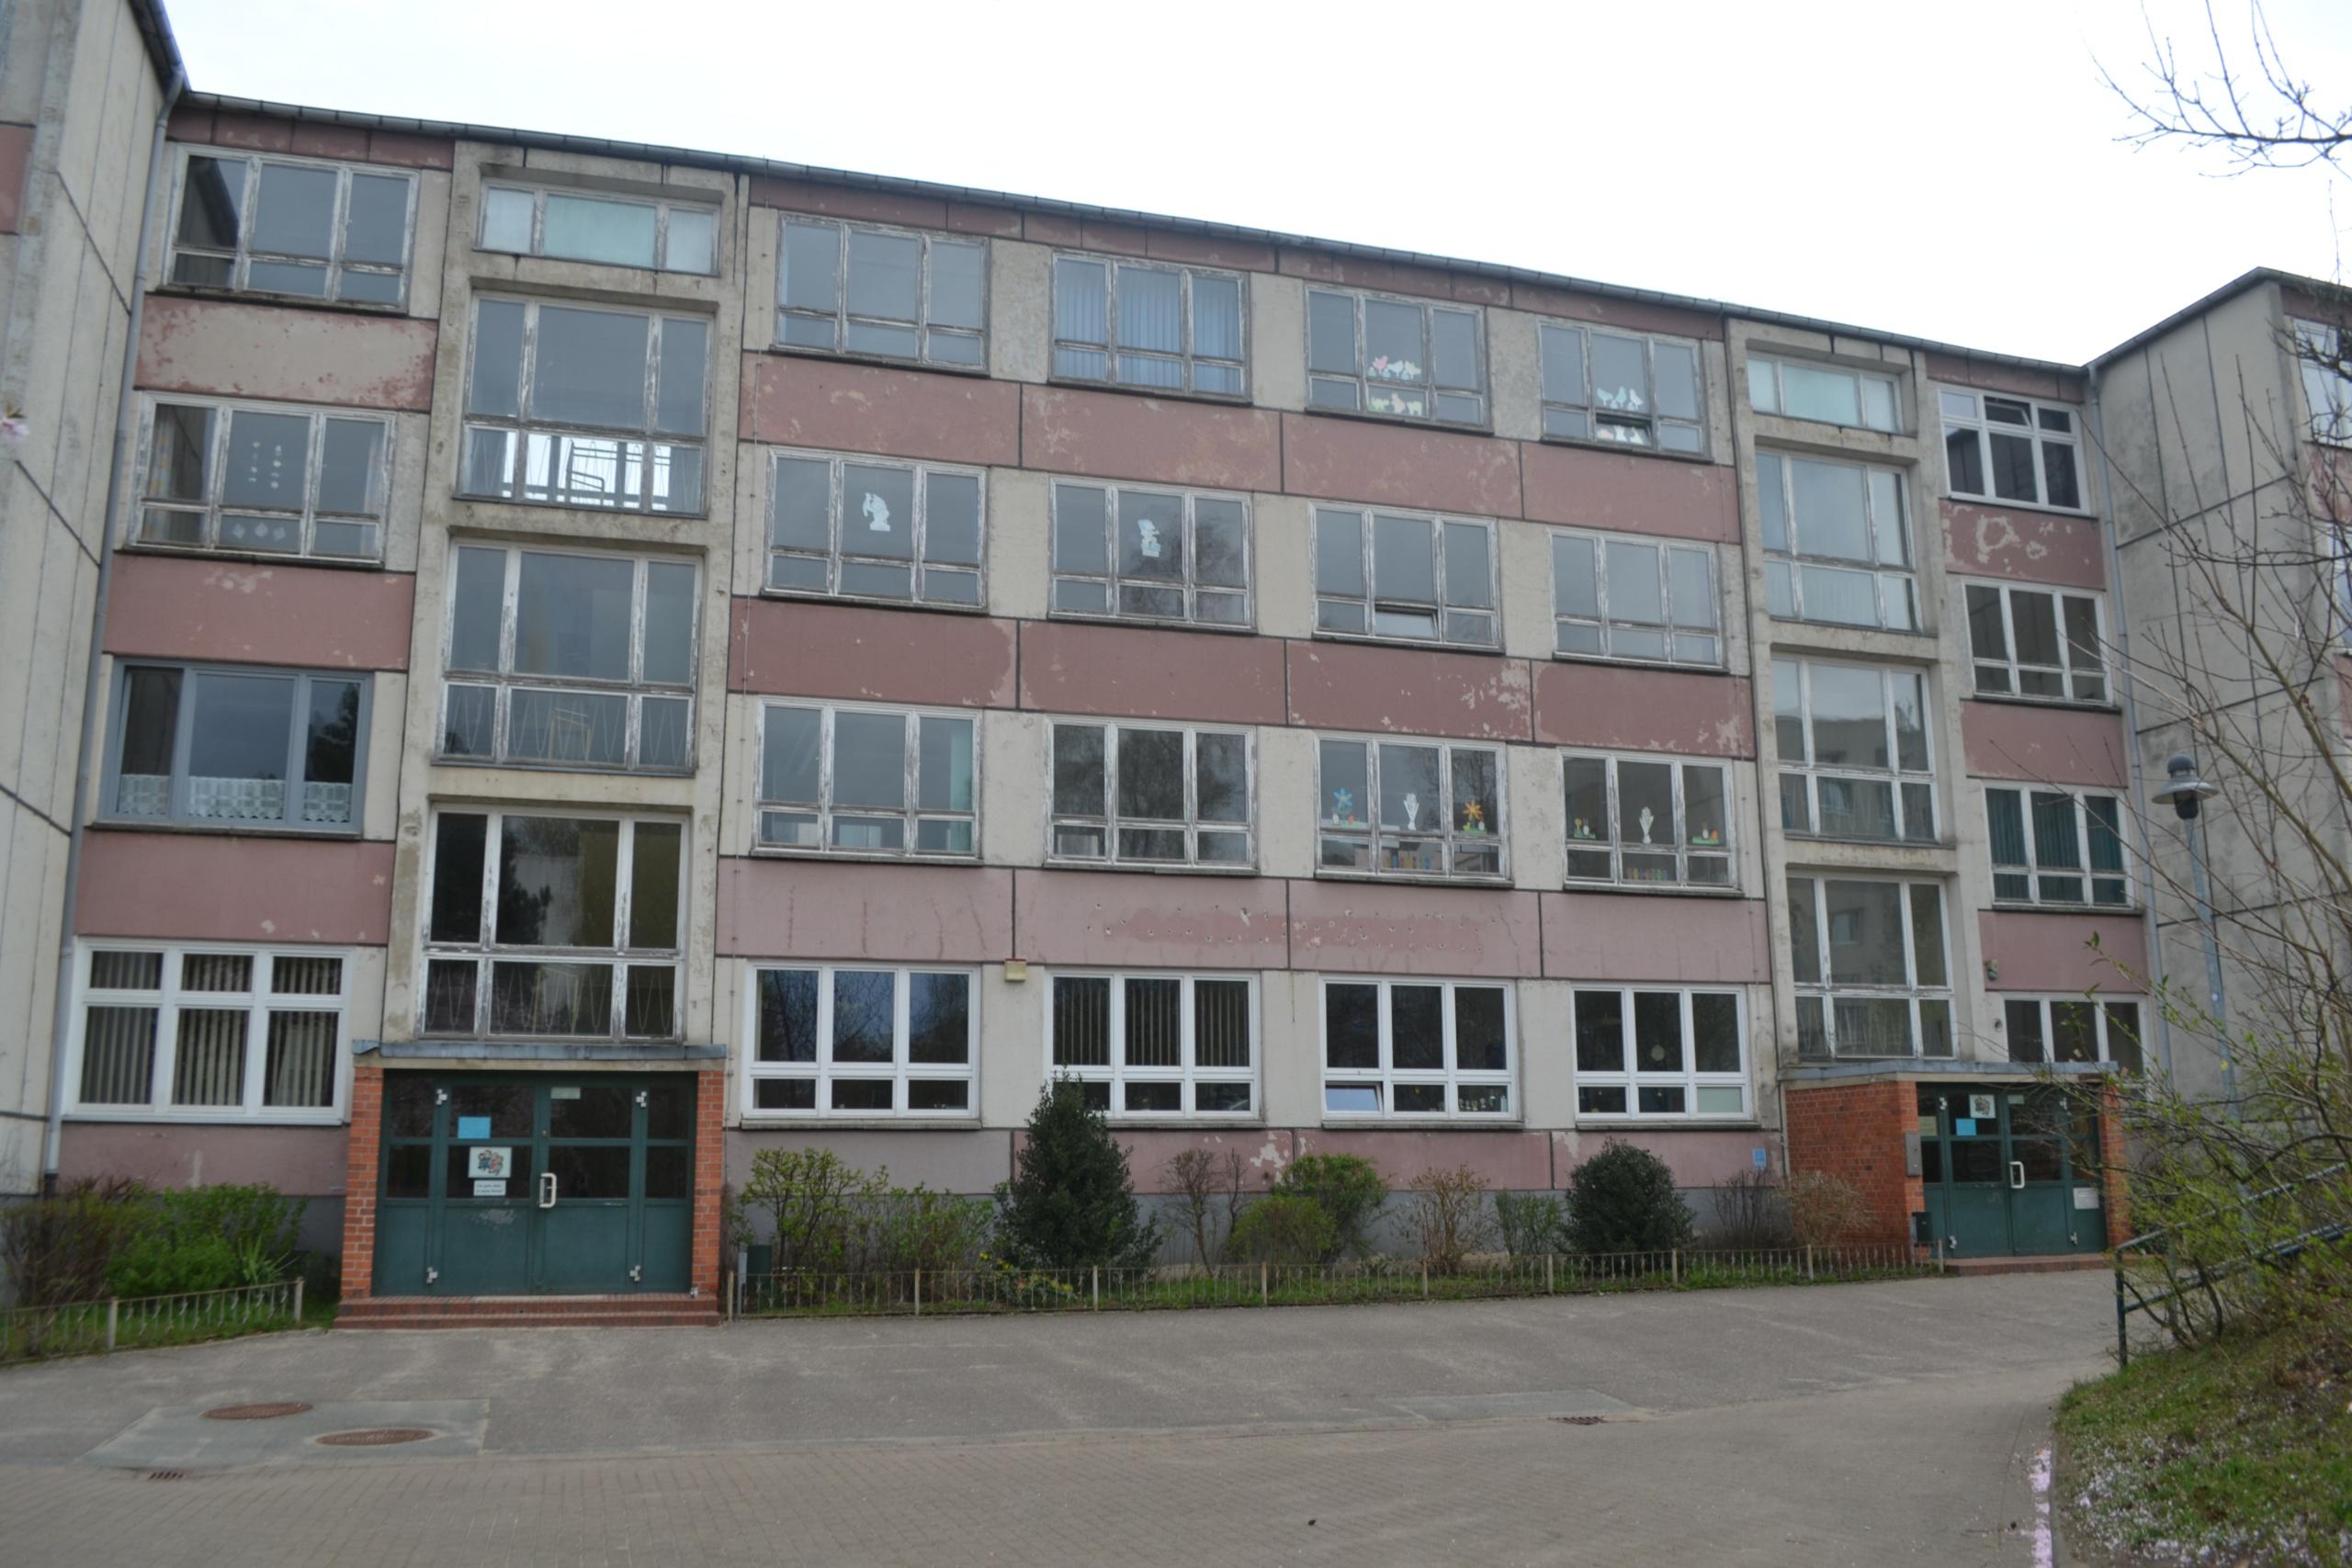 Sprachheilschule Schwerin